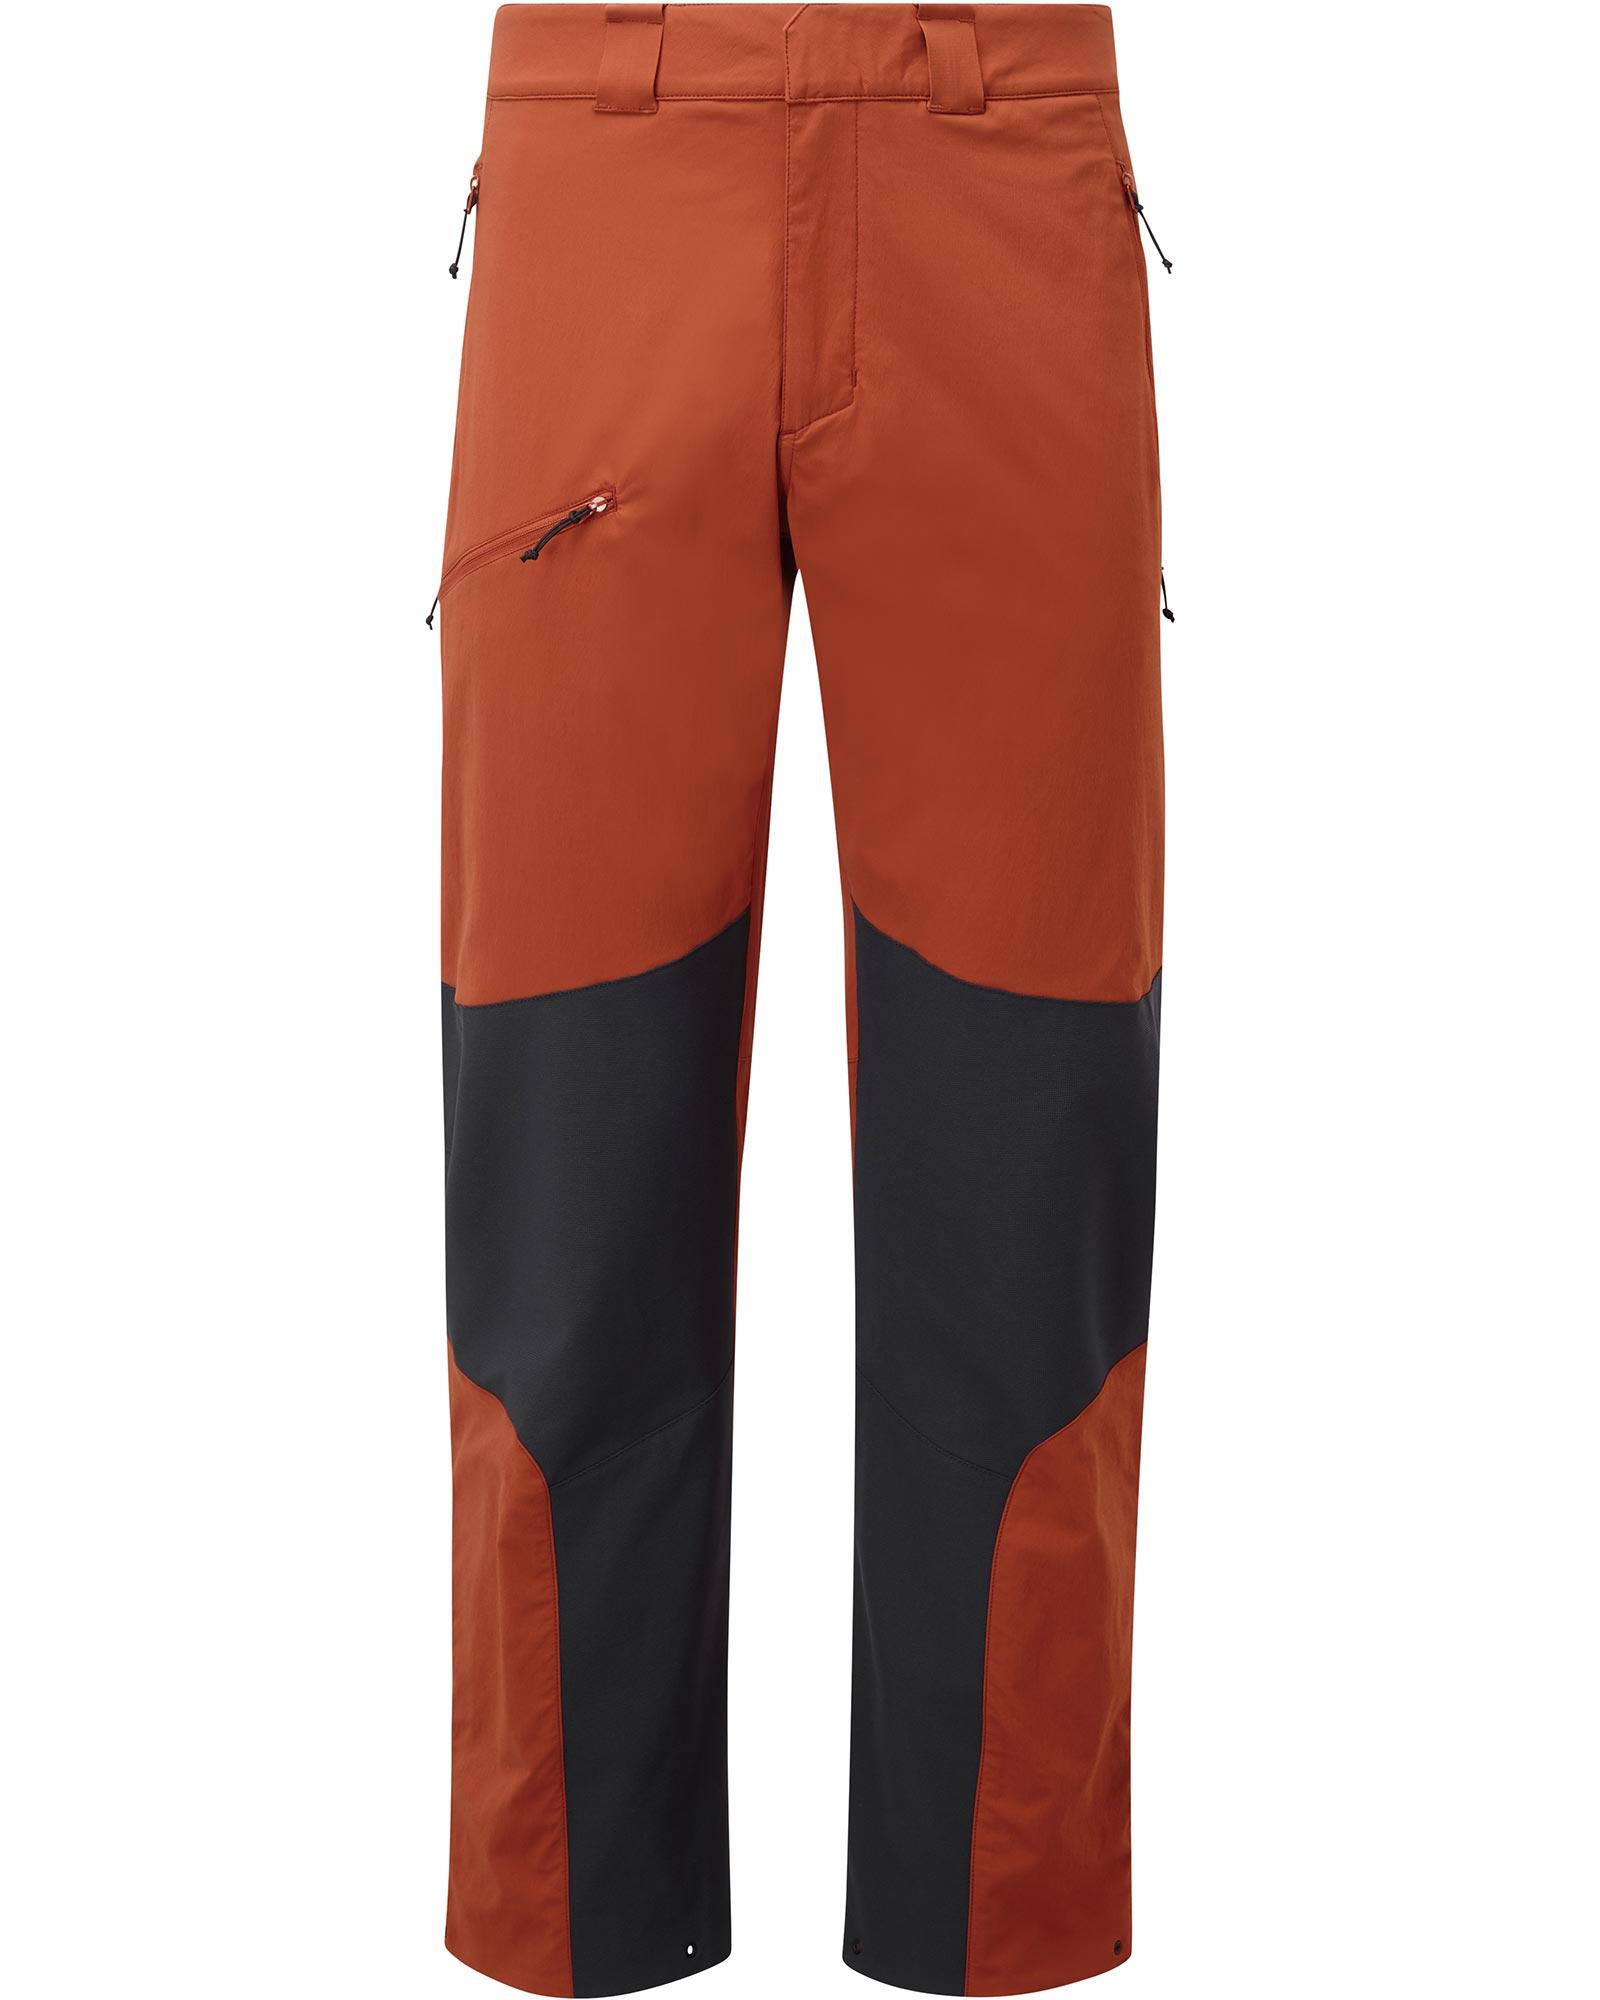 Rab Men's Torque Vapour-Rise Pants 0